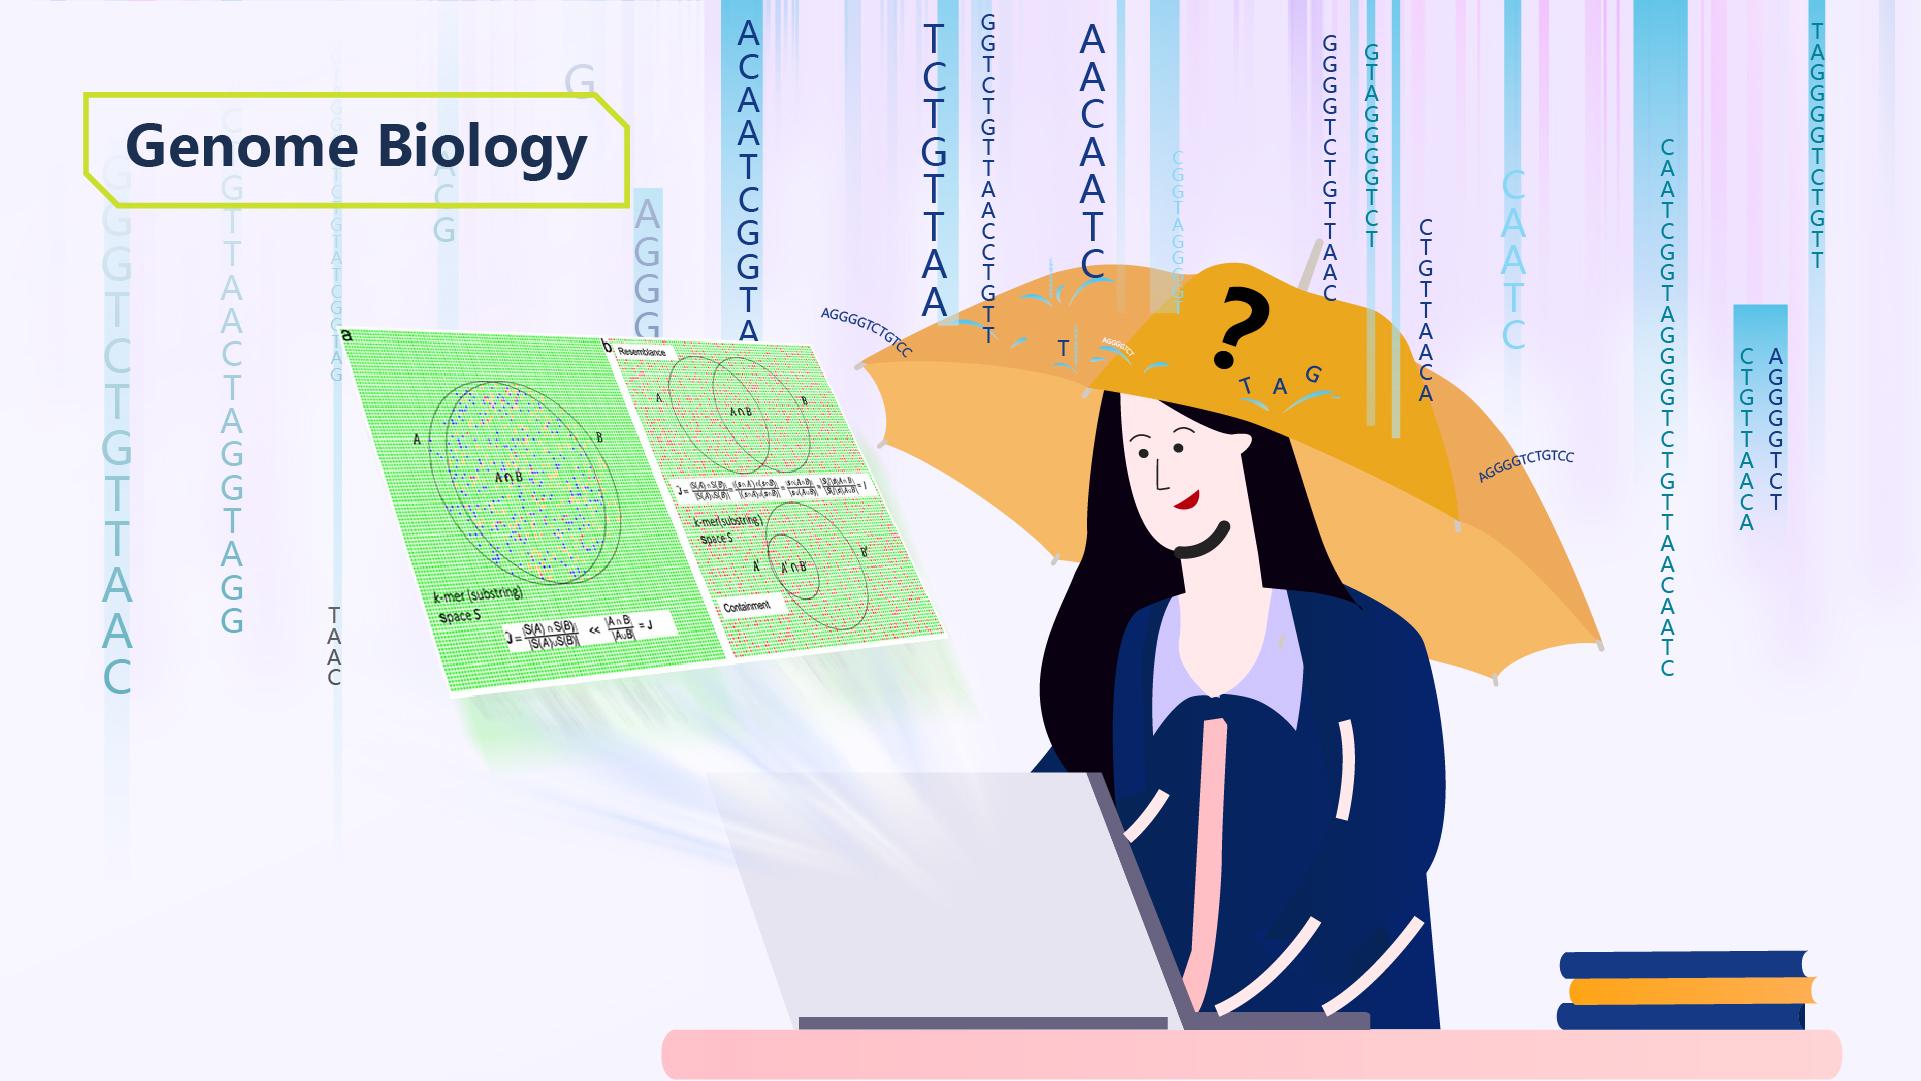 SUSTech scholars develops data sketching technique for genomic big data